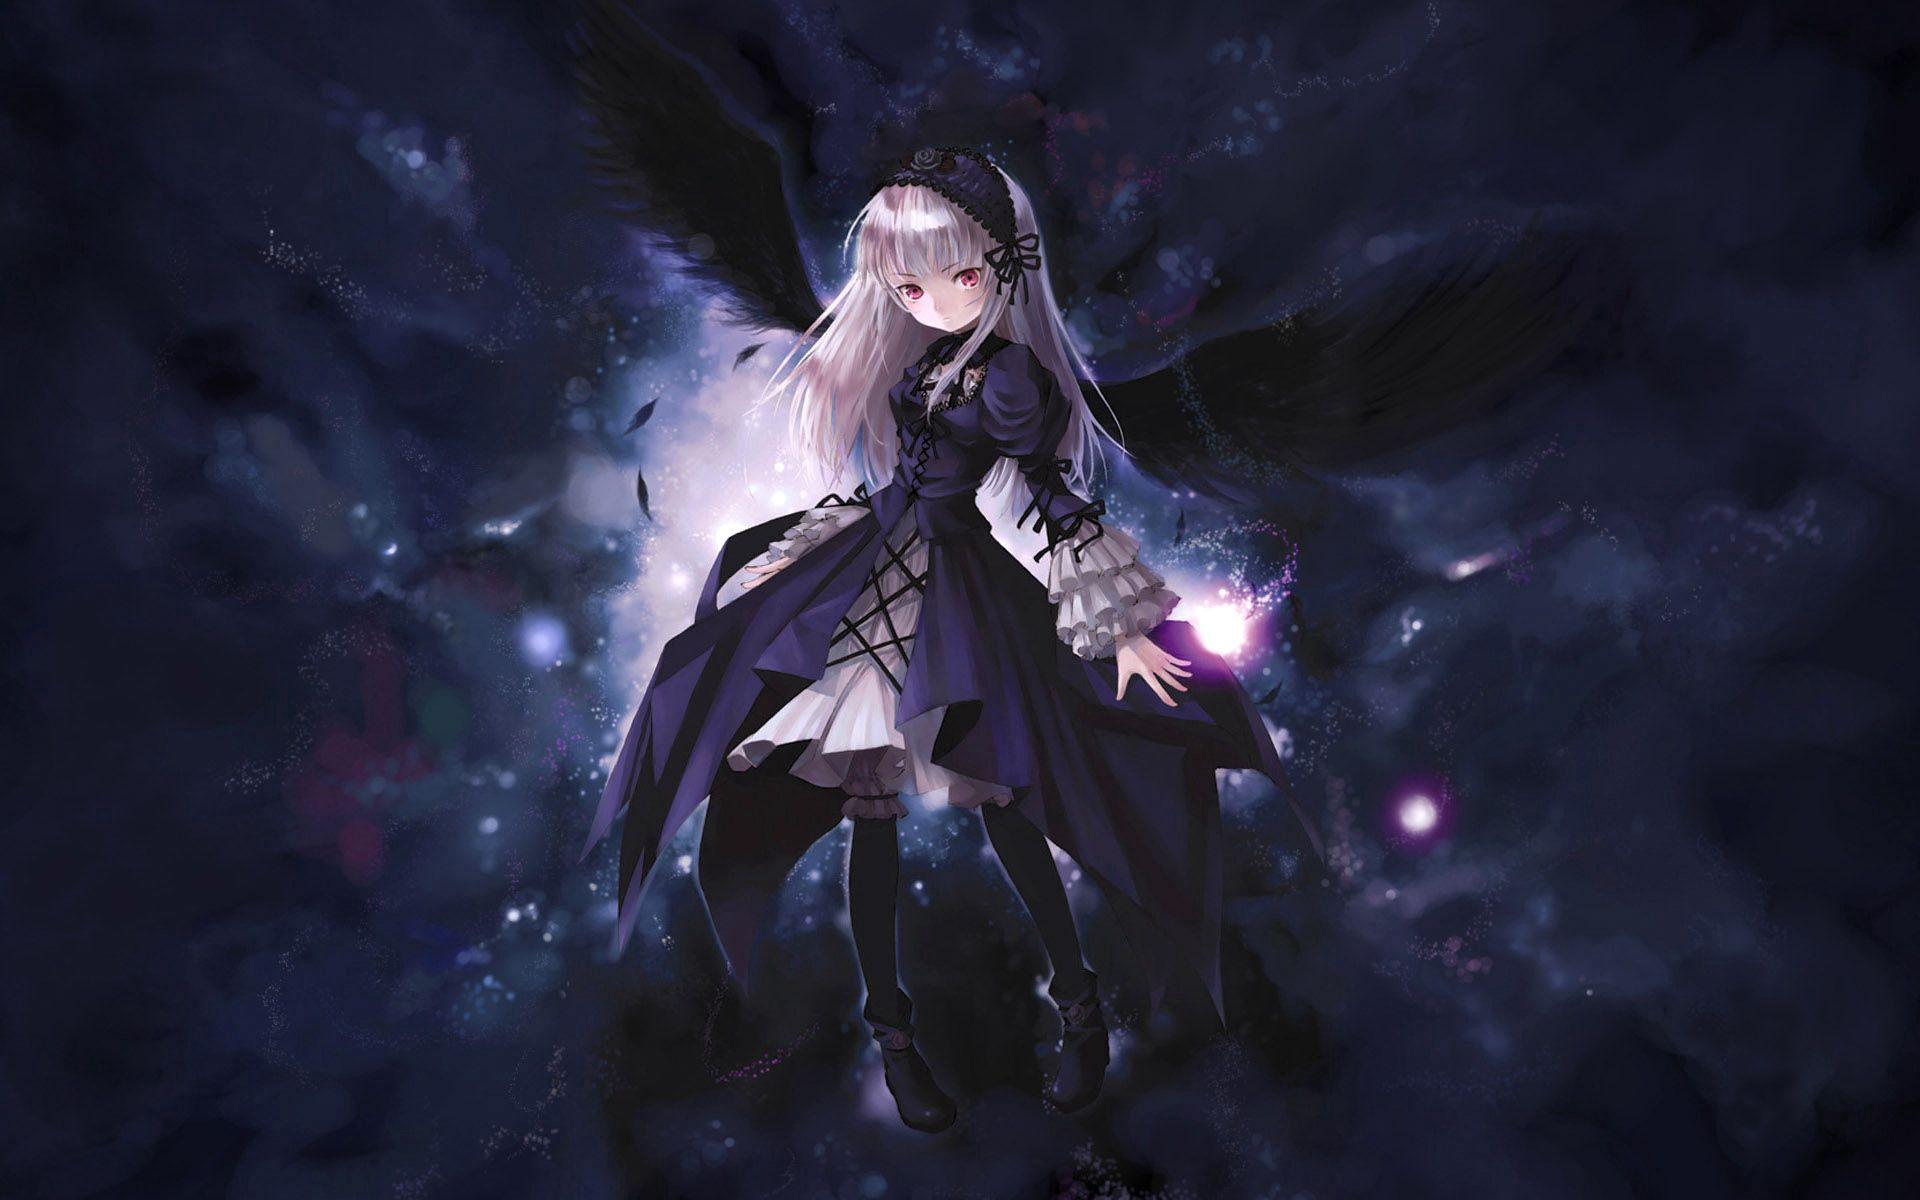 1920x1200 Wallpaper anime, girl, wings, flying, black